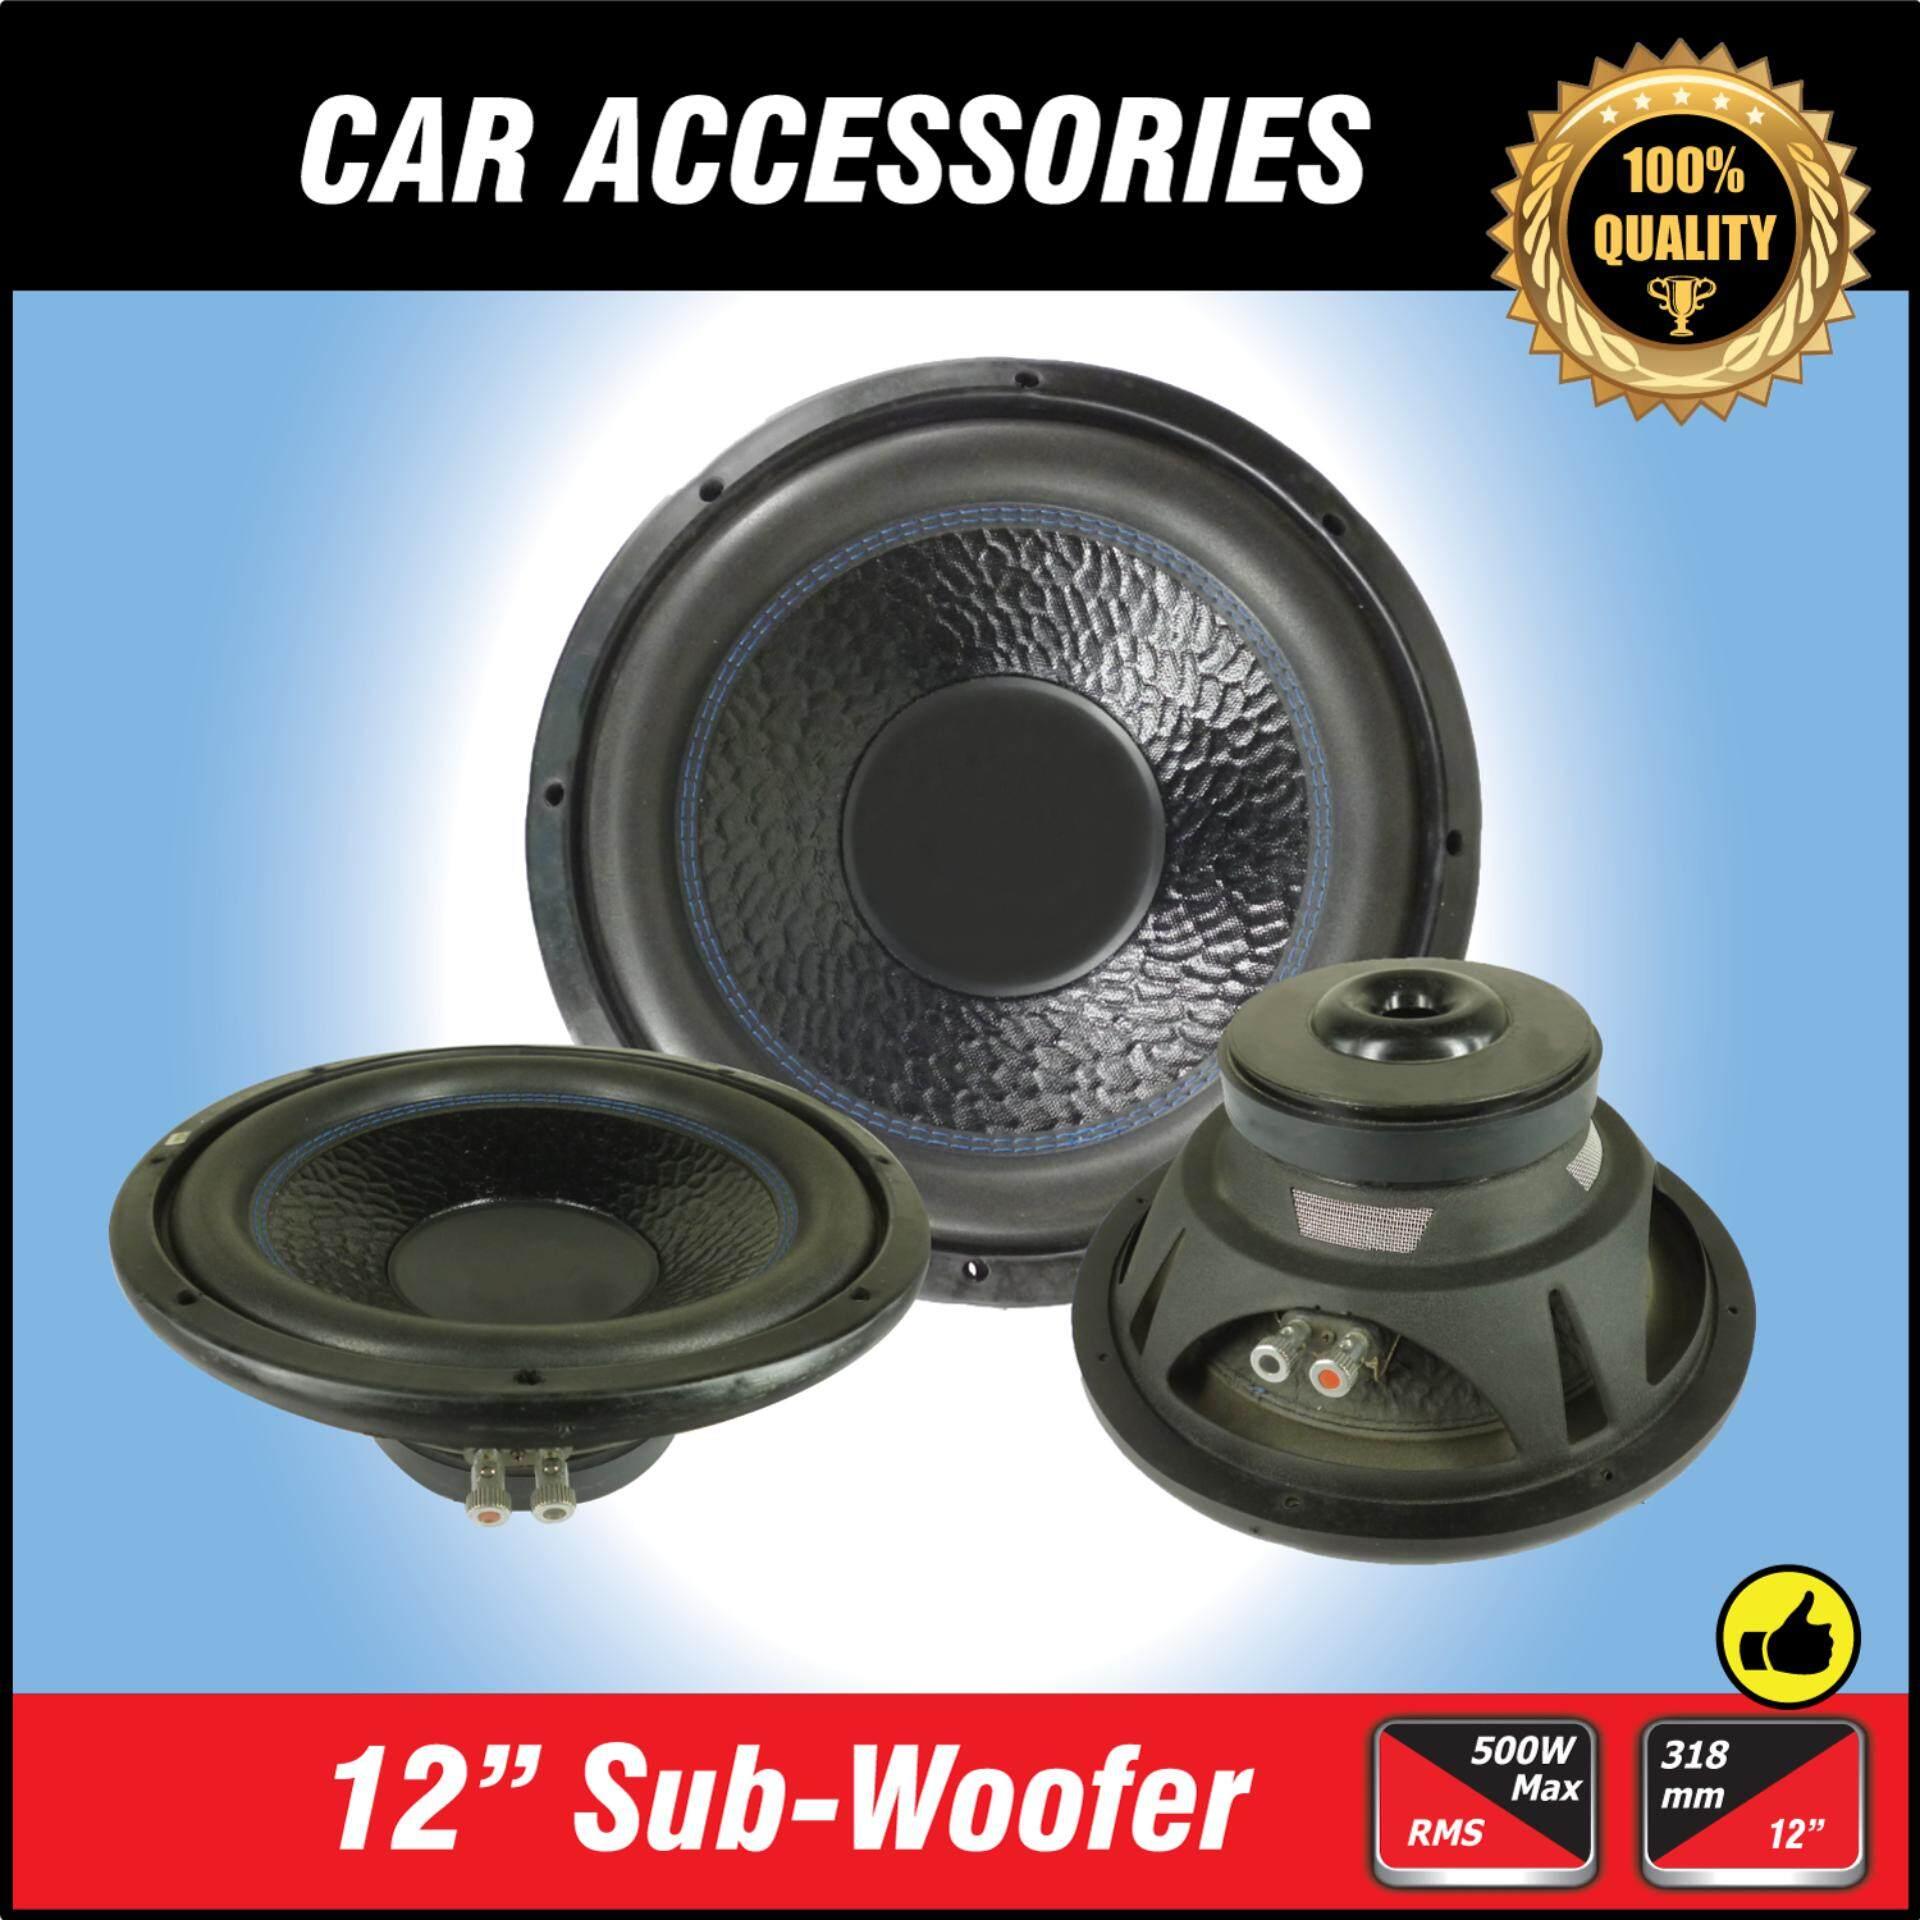 Mw 1210 12inch Sub Woofer